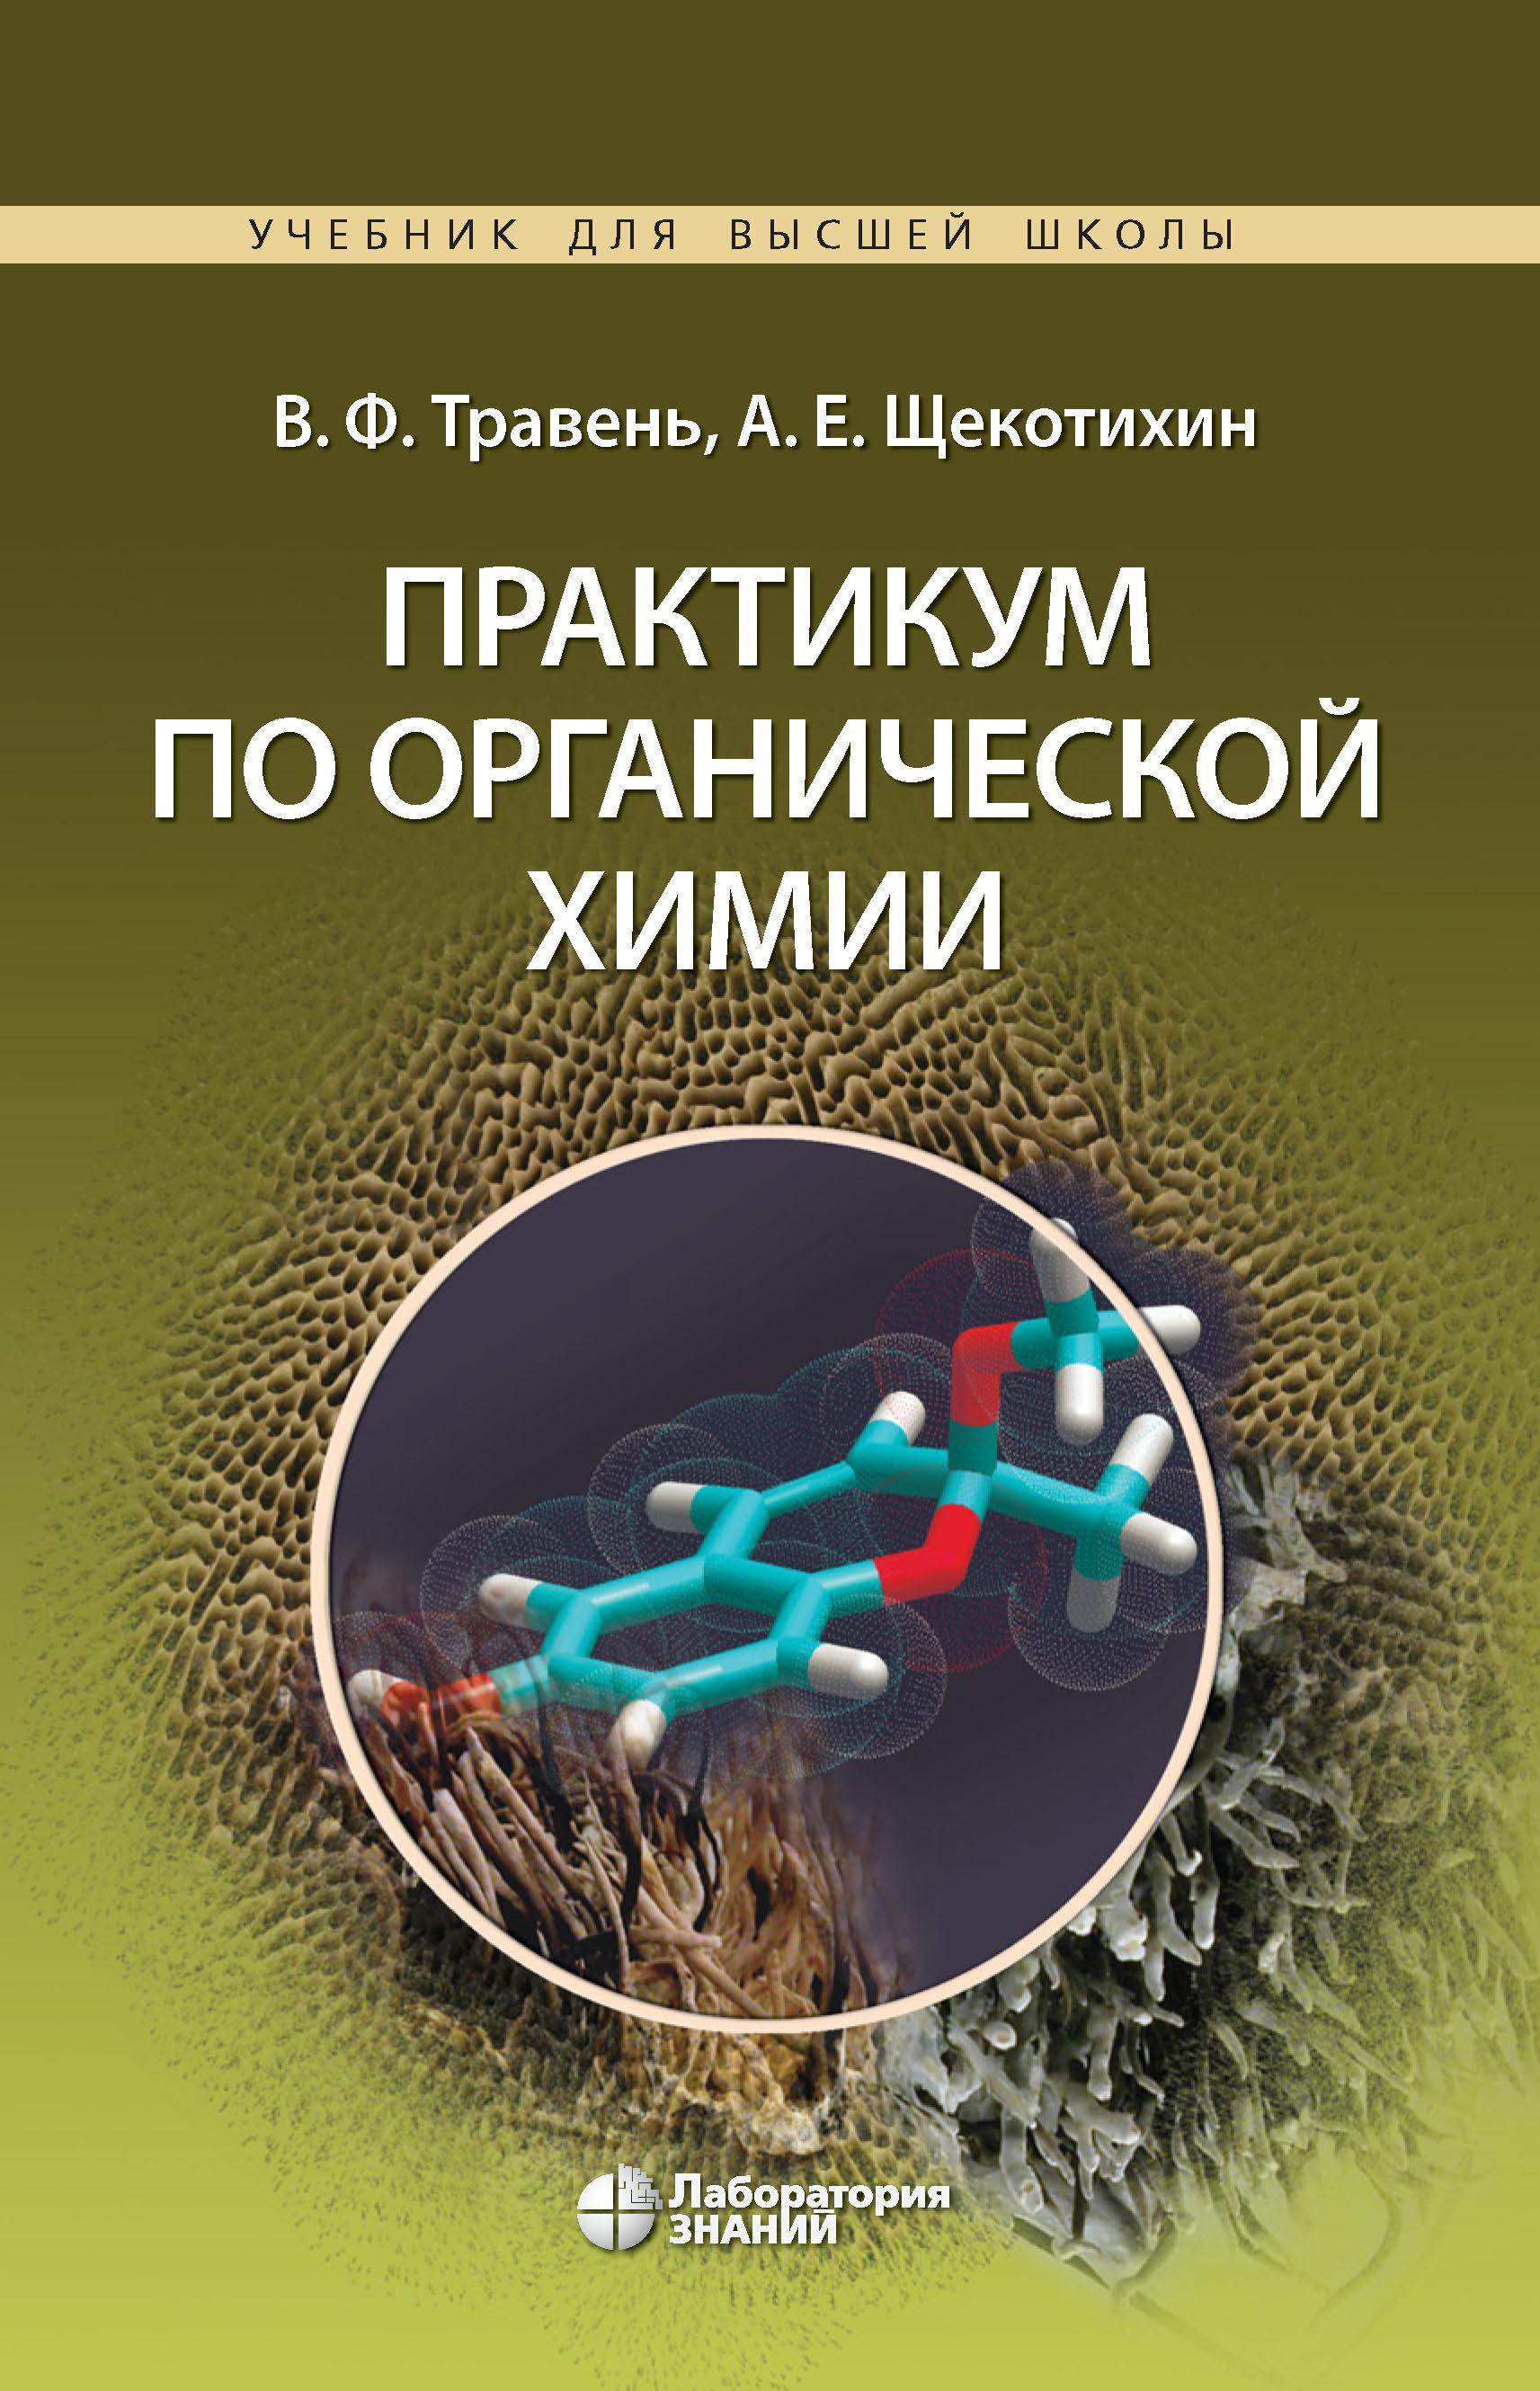 В. Ф. Травень Практикум по органической химии в ф травень а е щекотихин органическая химия практикум